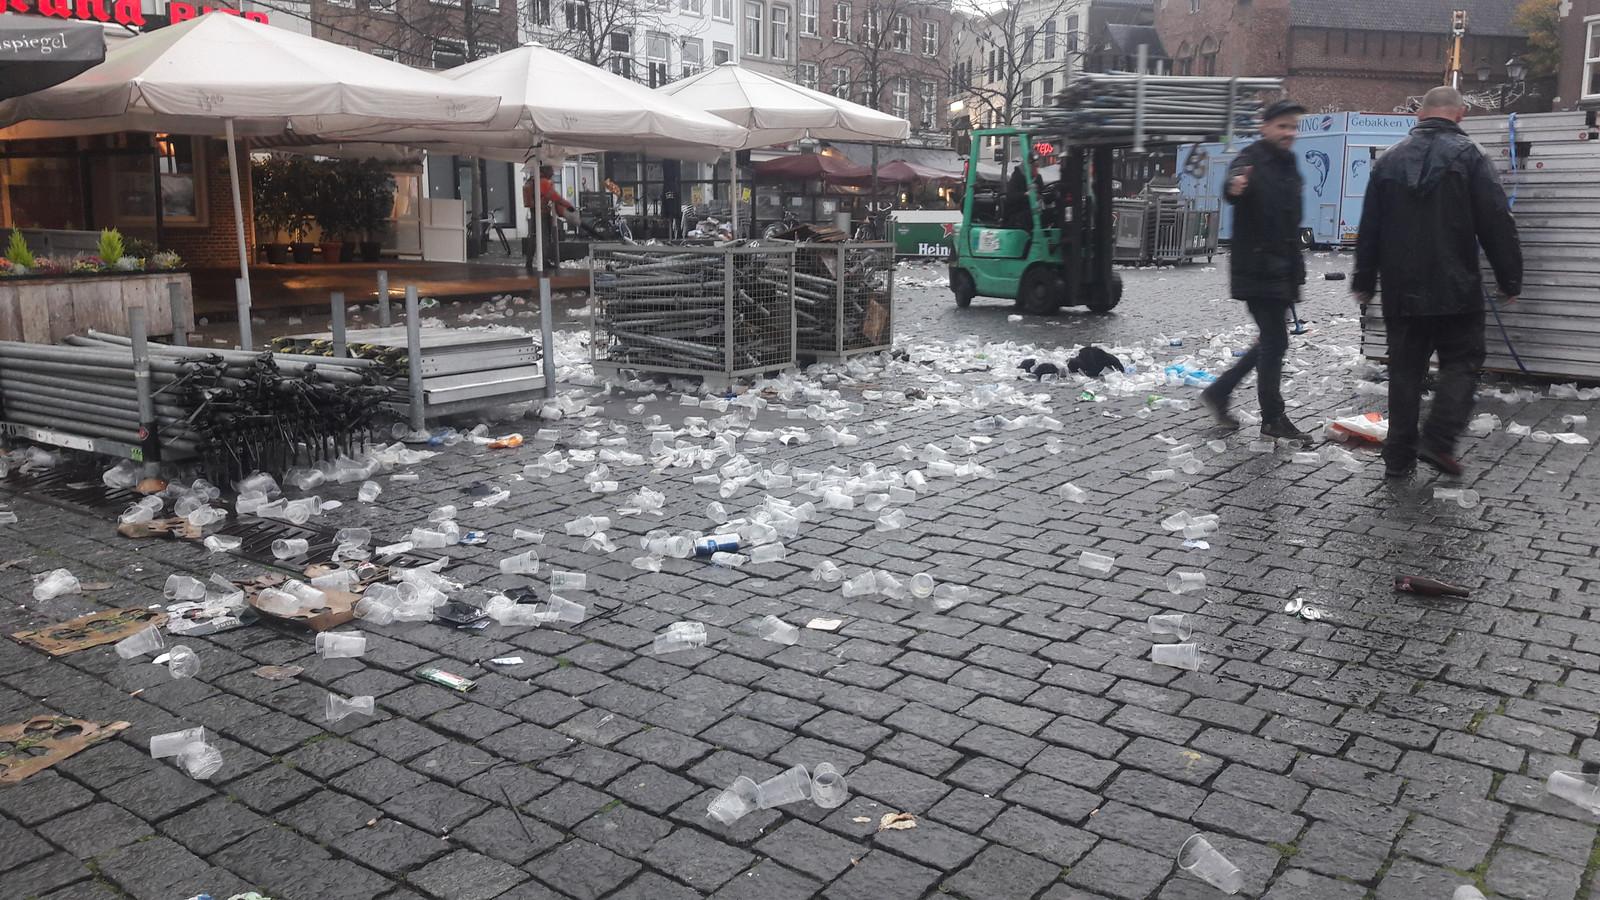 Op de Markt ruimden maandagochtend medewerkers van de gemeente plastic bekers op.